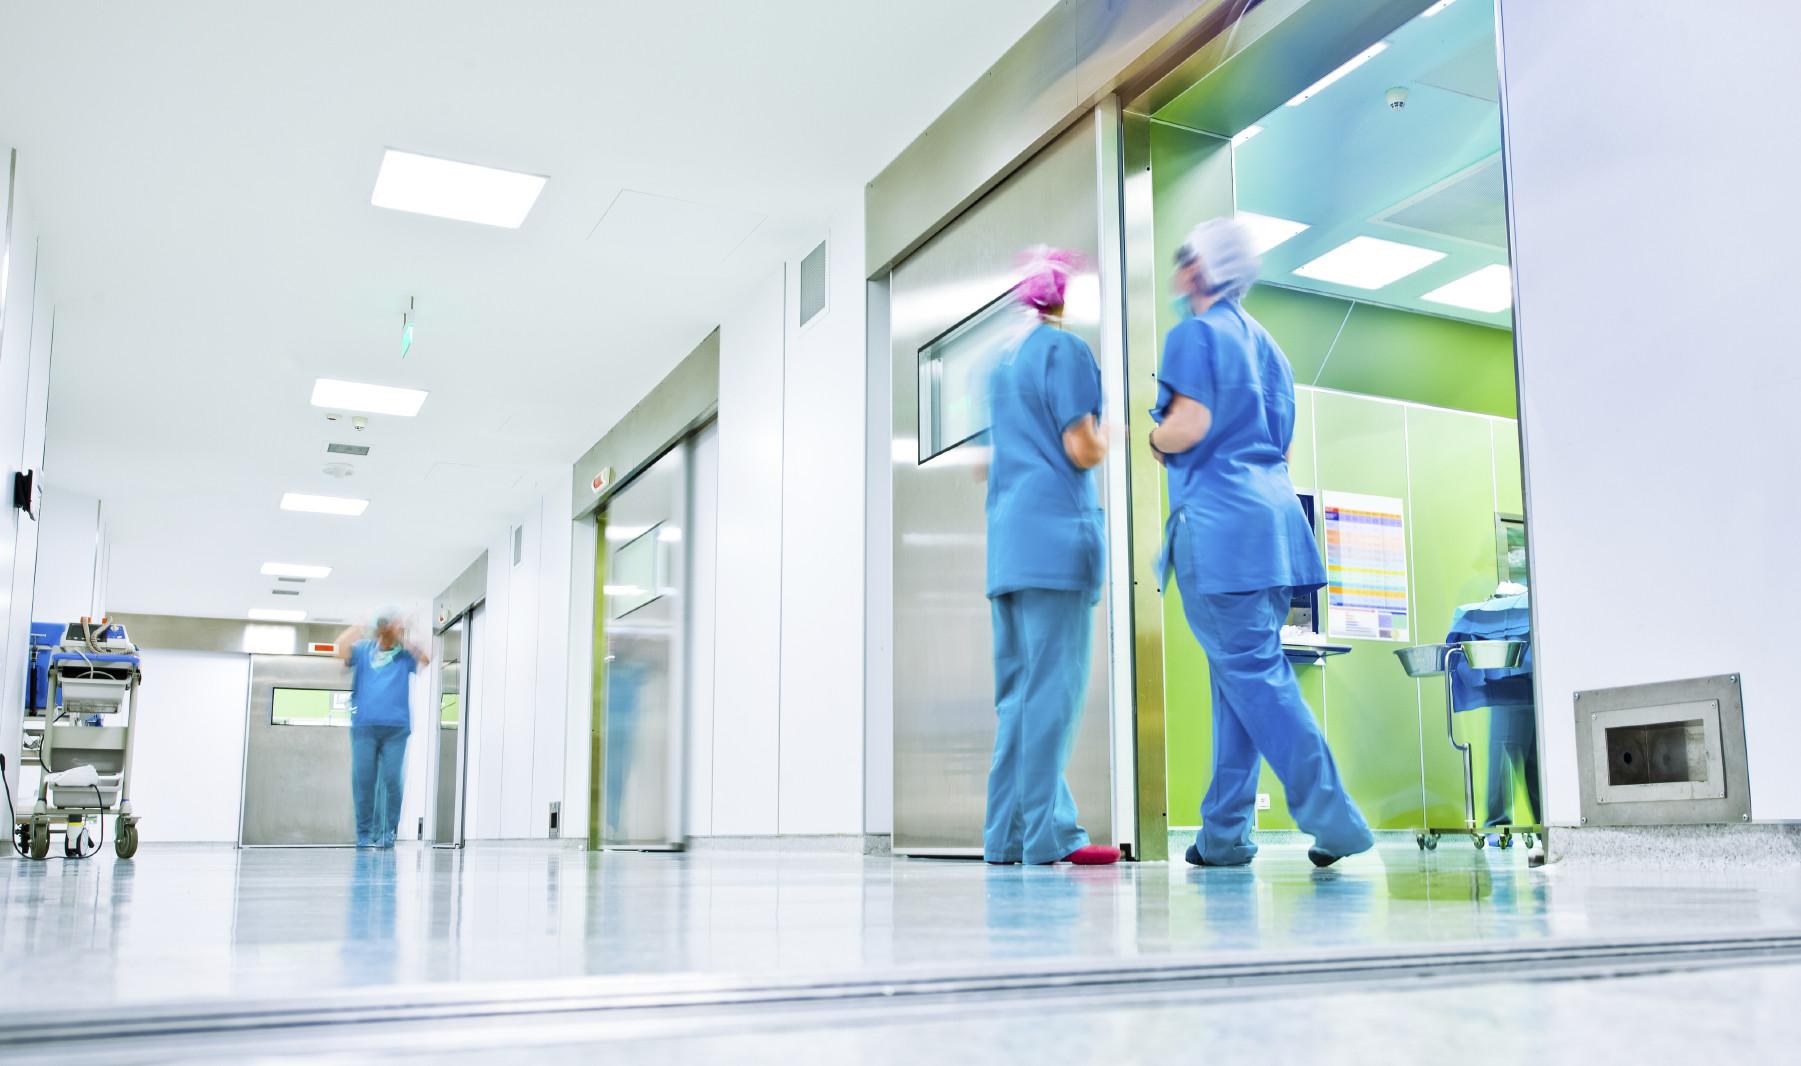 «Սասնա ծռեր» խմբի բոլոր անդամների բուժումը կատարվել է քրեակատարողական հիմնարկի բուժանձնակազմի կողմից